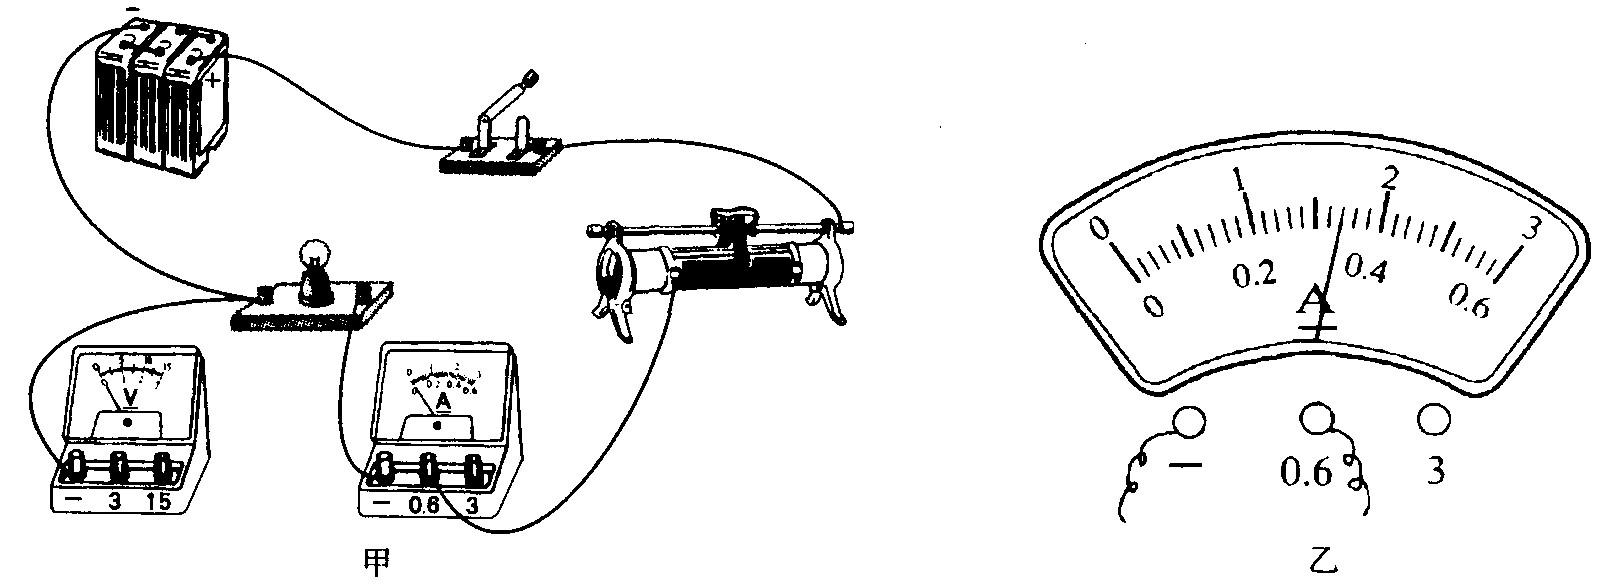 初中物理电功电功率家庭电路(1)